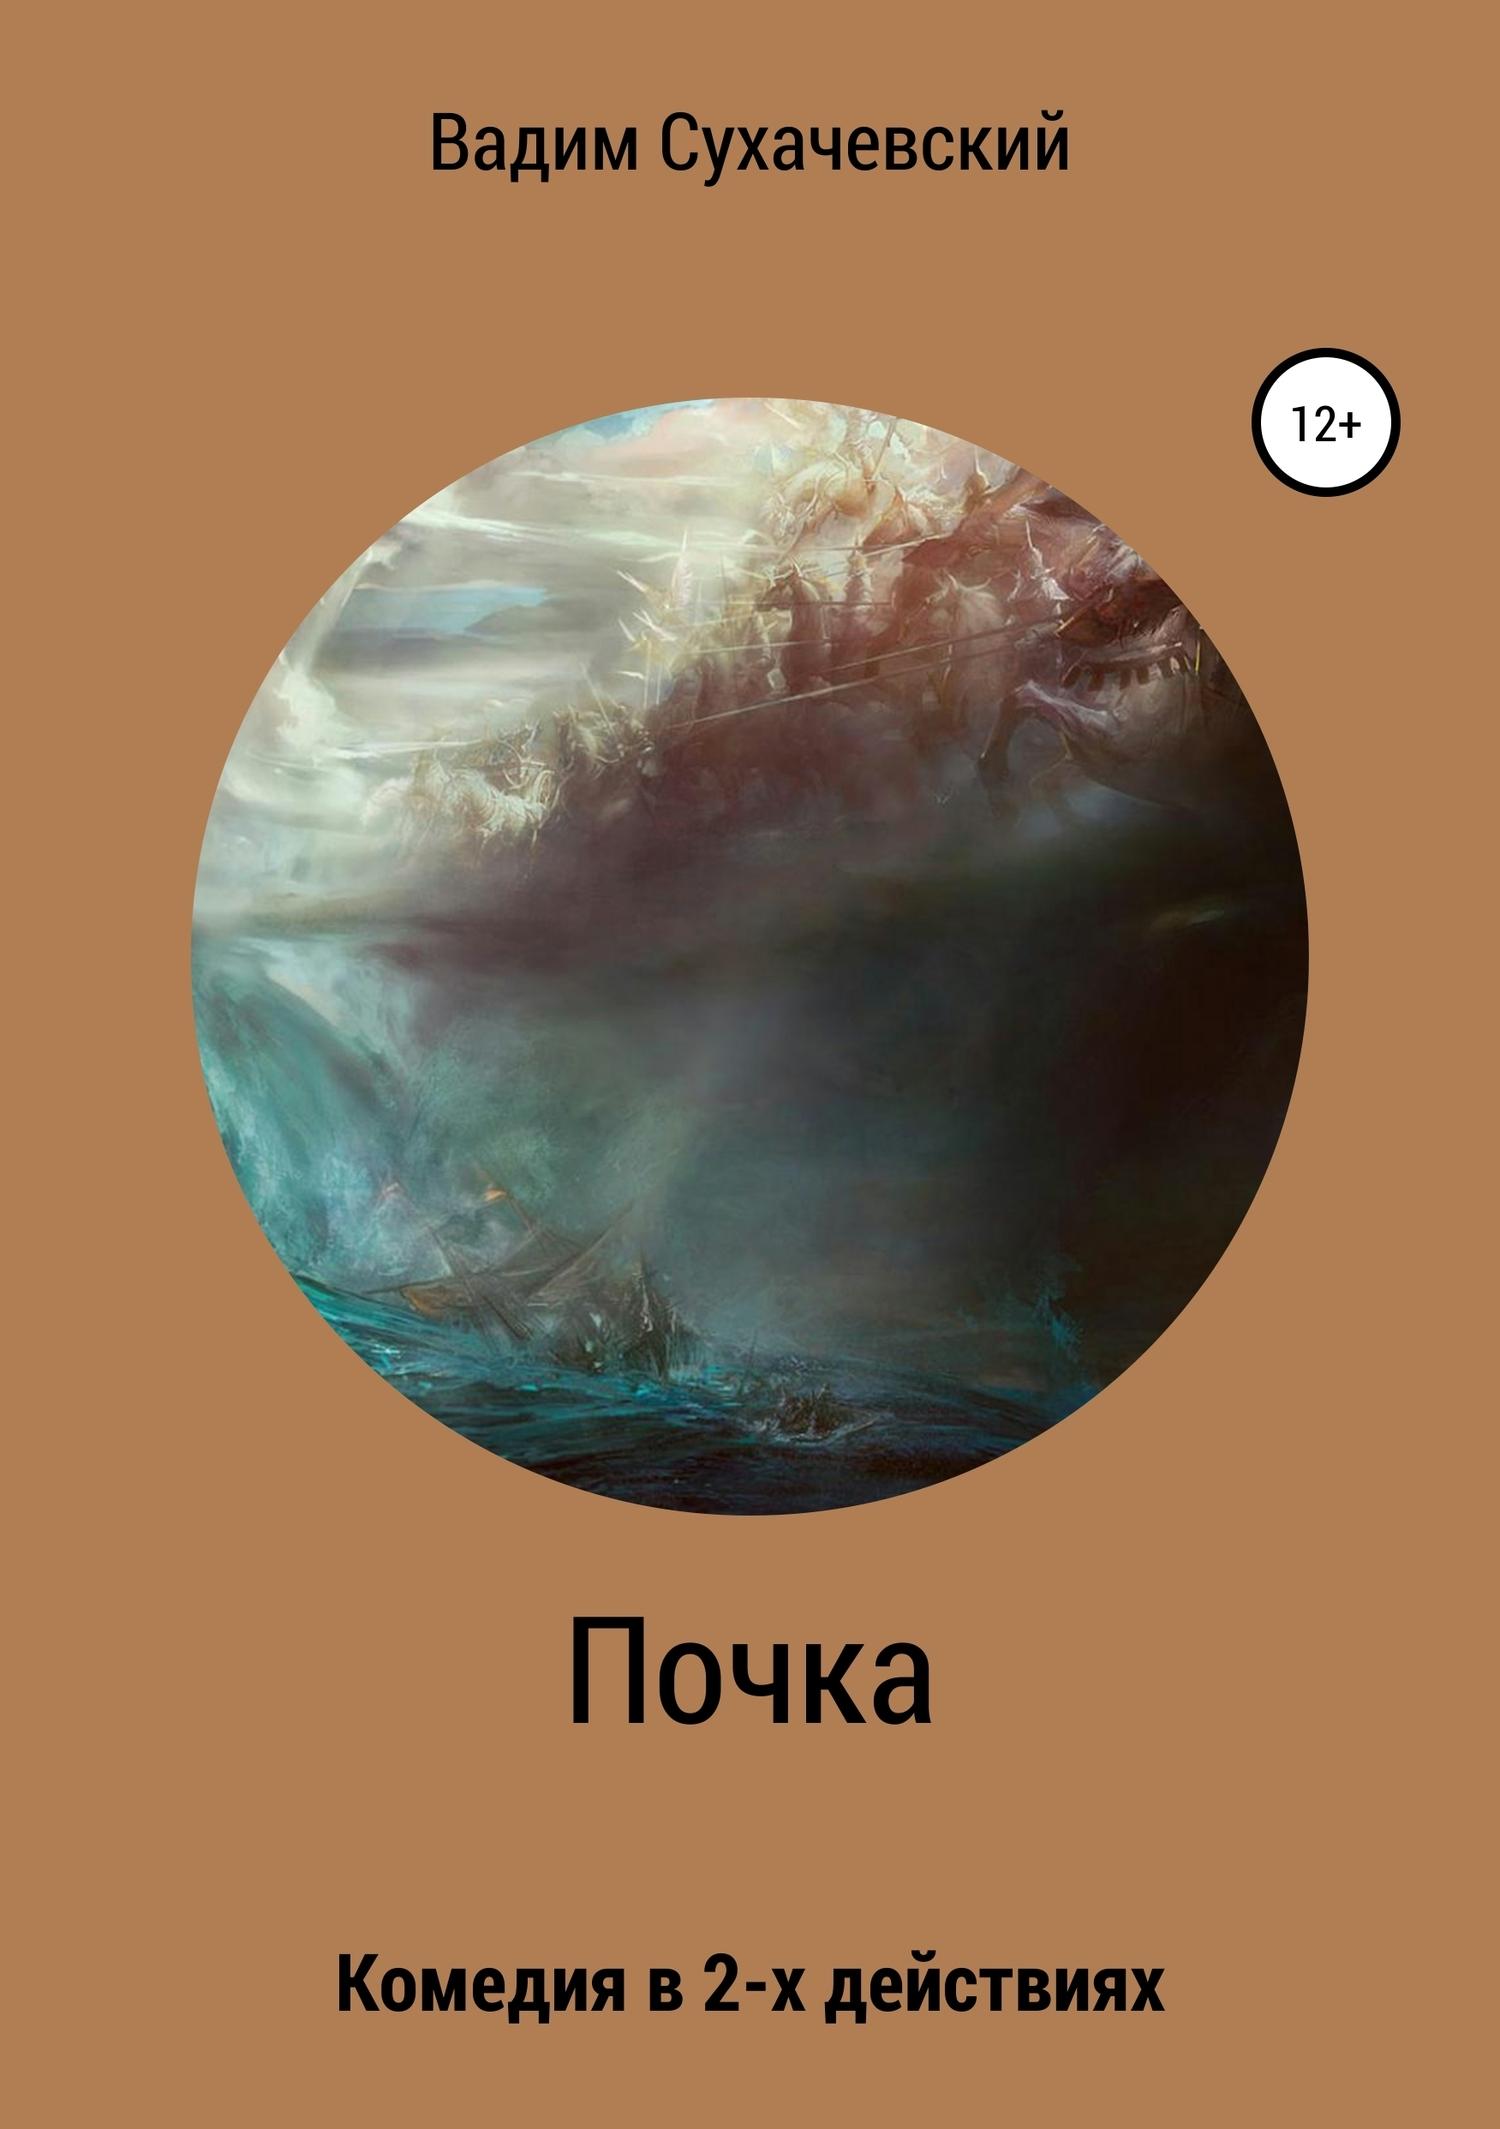 Вадим Сухачевский - Почка